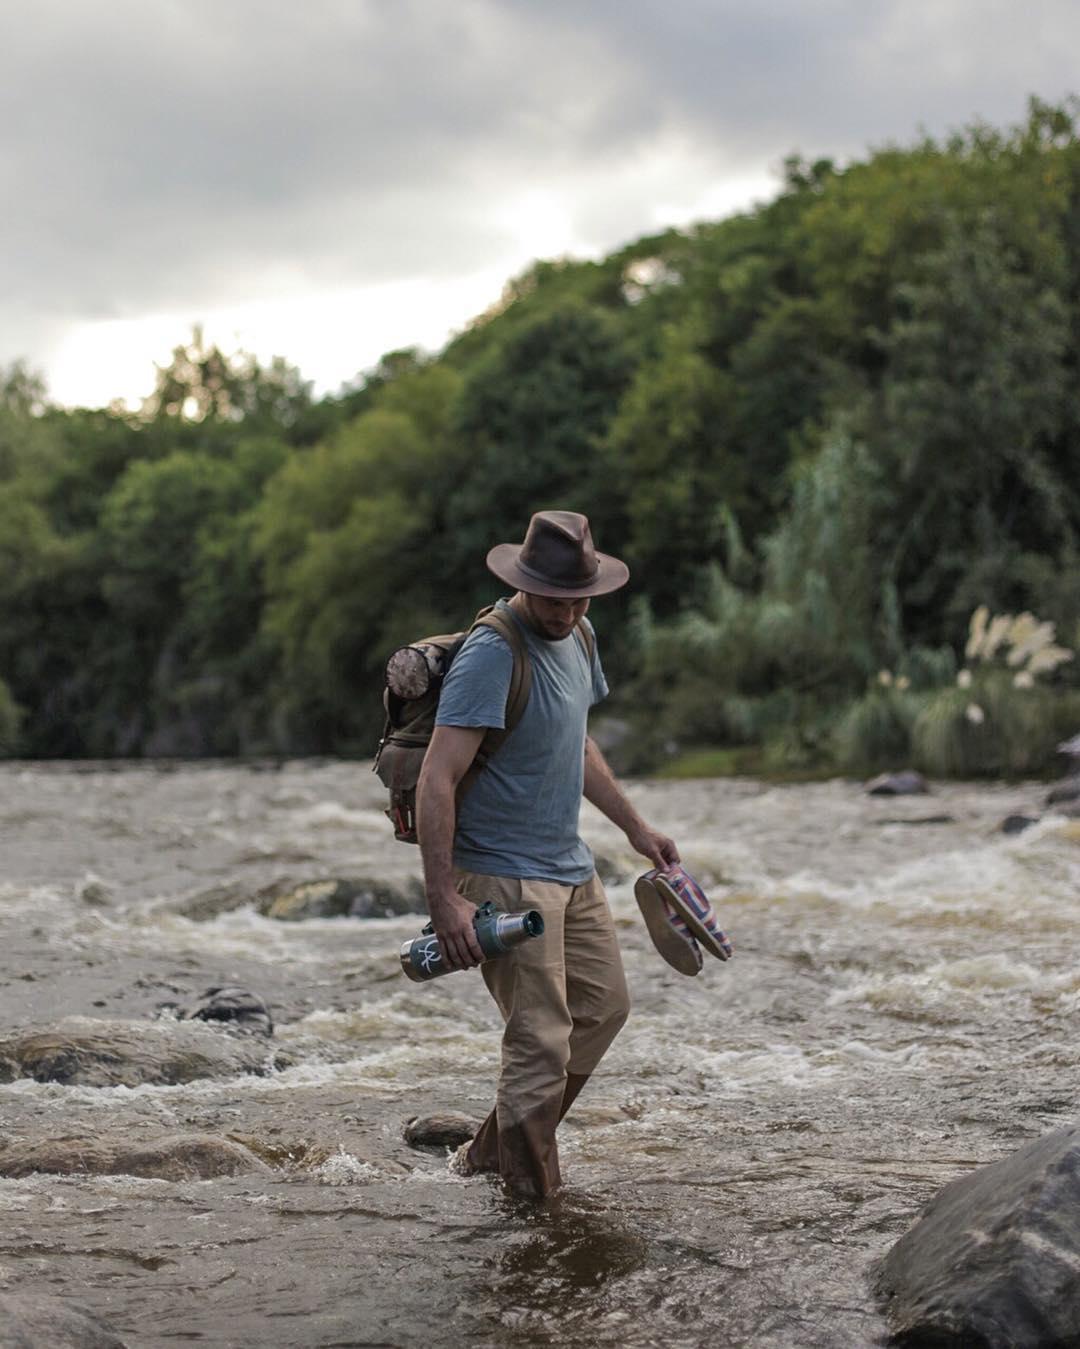 No dejes de cruzar un río por miedo a mojarte. La ropa QA es para vivirla. ¡Buen fin de semana largo! · #Aventura · #ActitudQA ·